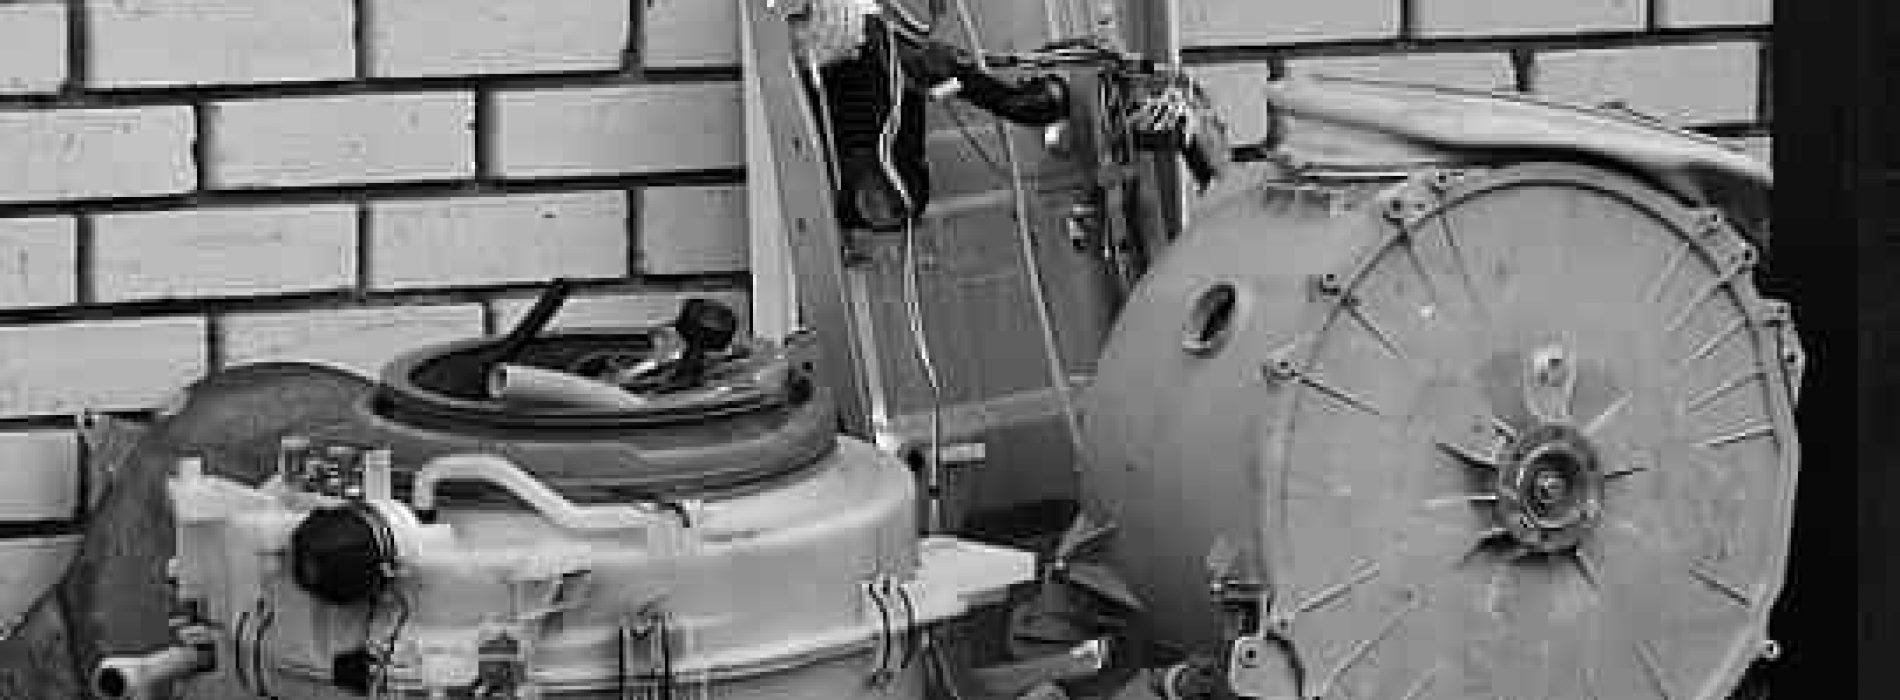 Reparasjon av vaskemaskin – lønner det seg?